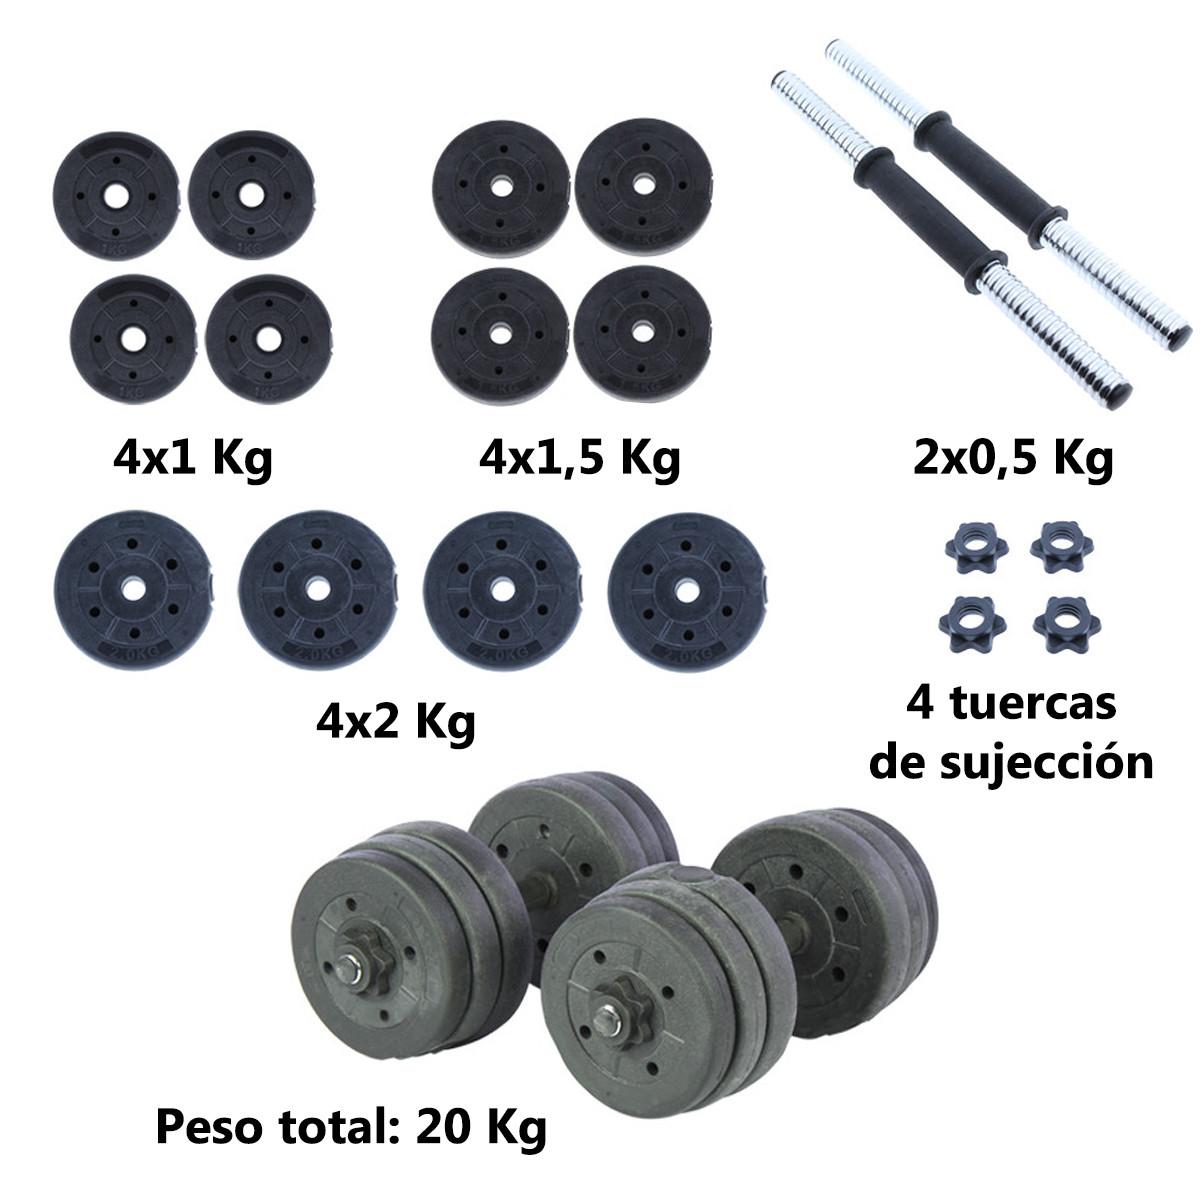 Juego-de-mancuernas-ajustables-con-discos-varios-pesos-Risc miniatura 12